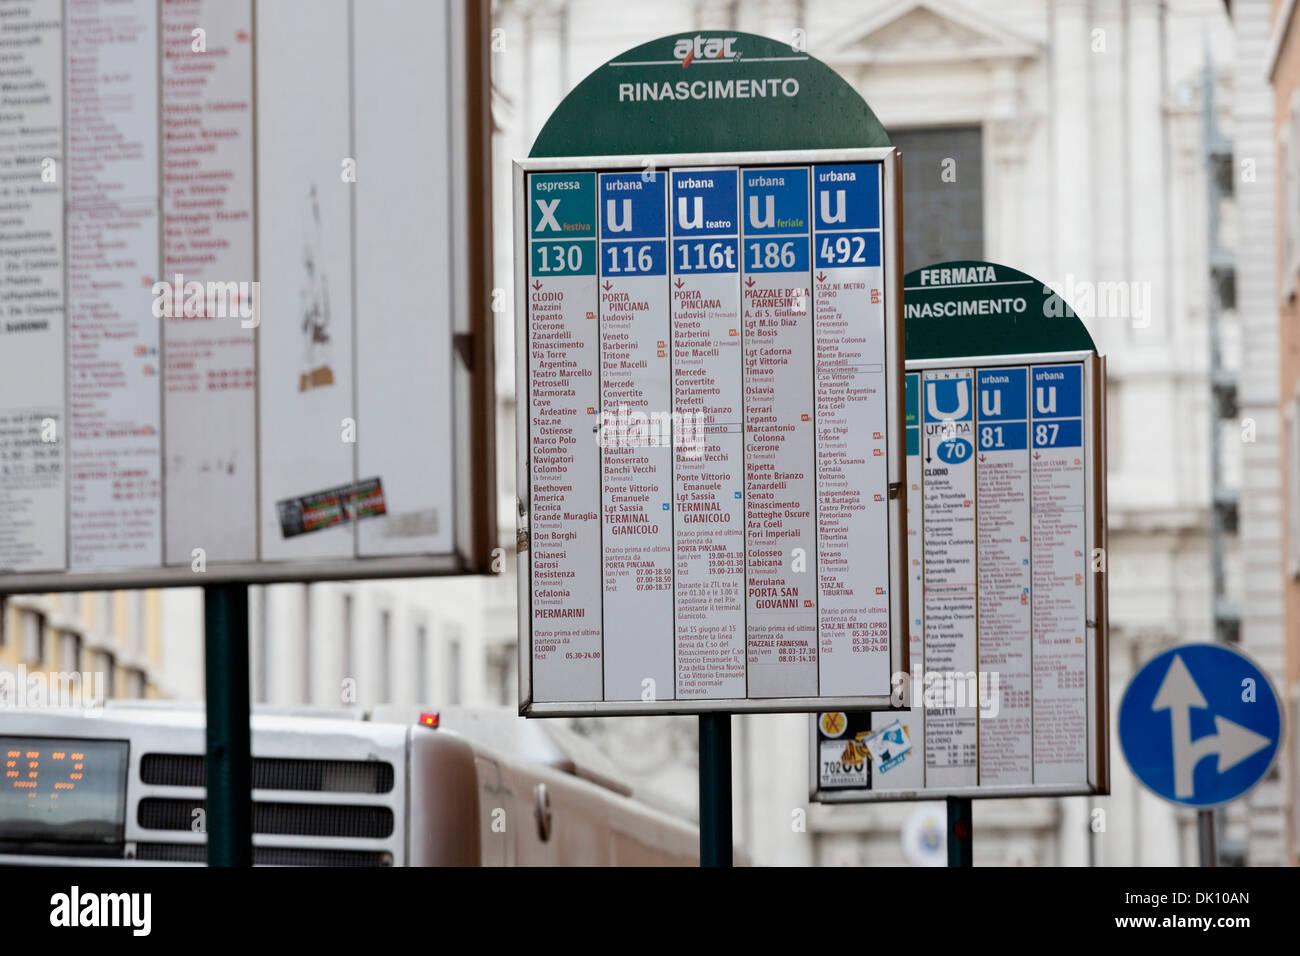 Segni di linee di autobus a Roman fermata bus nel corso del Rinascimento, Roma, lazio, Italy Immagini Stock